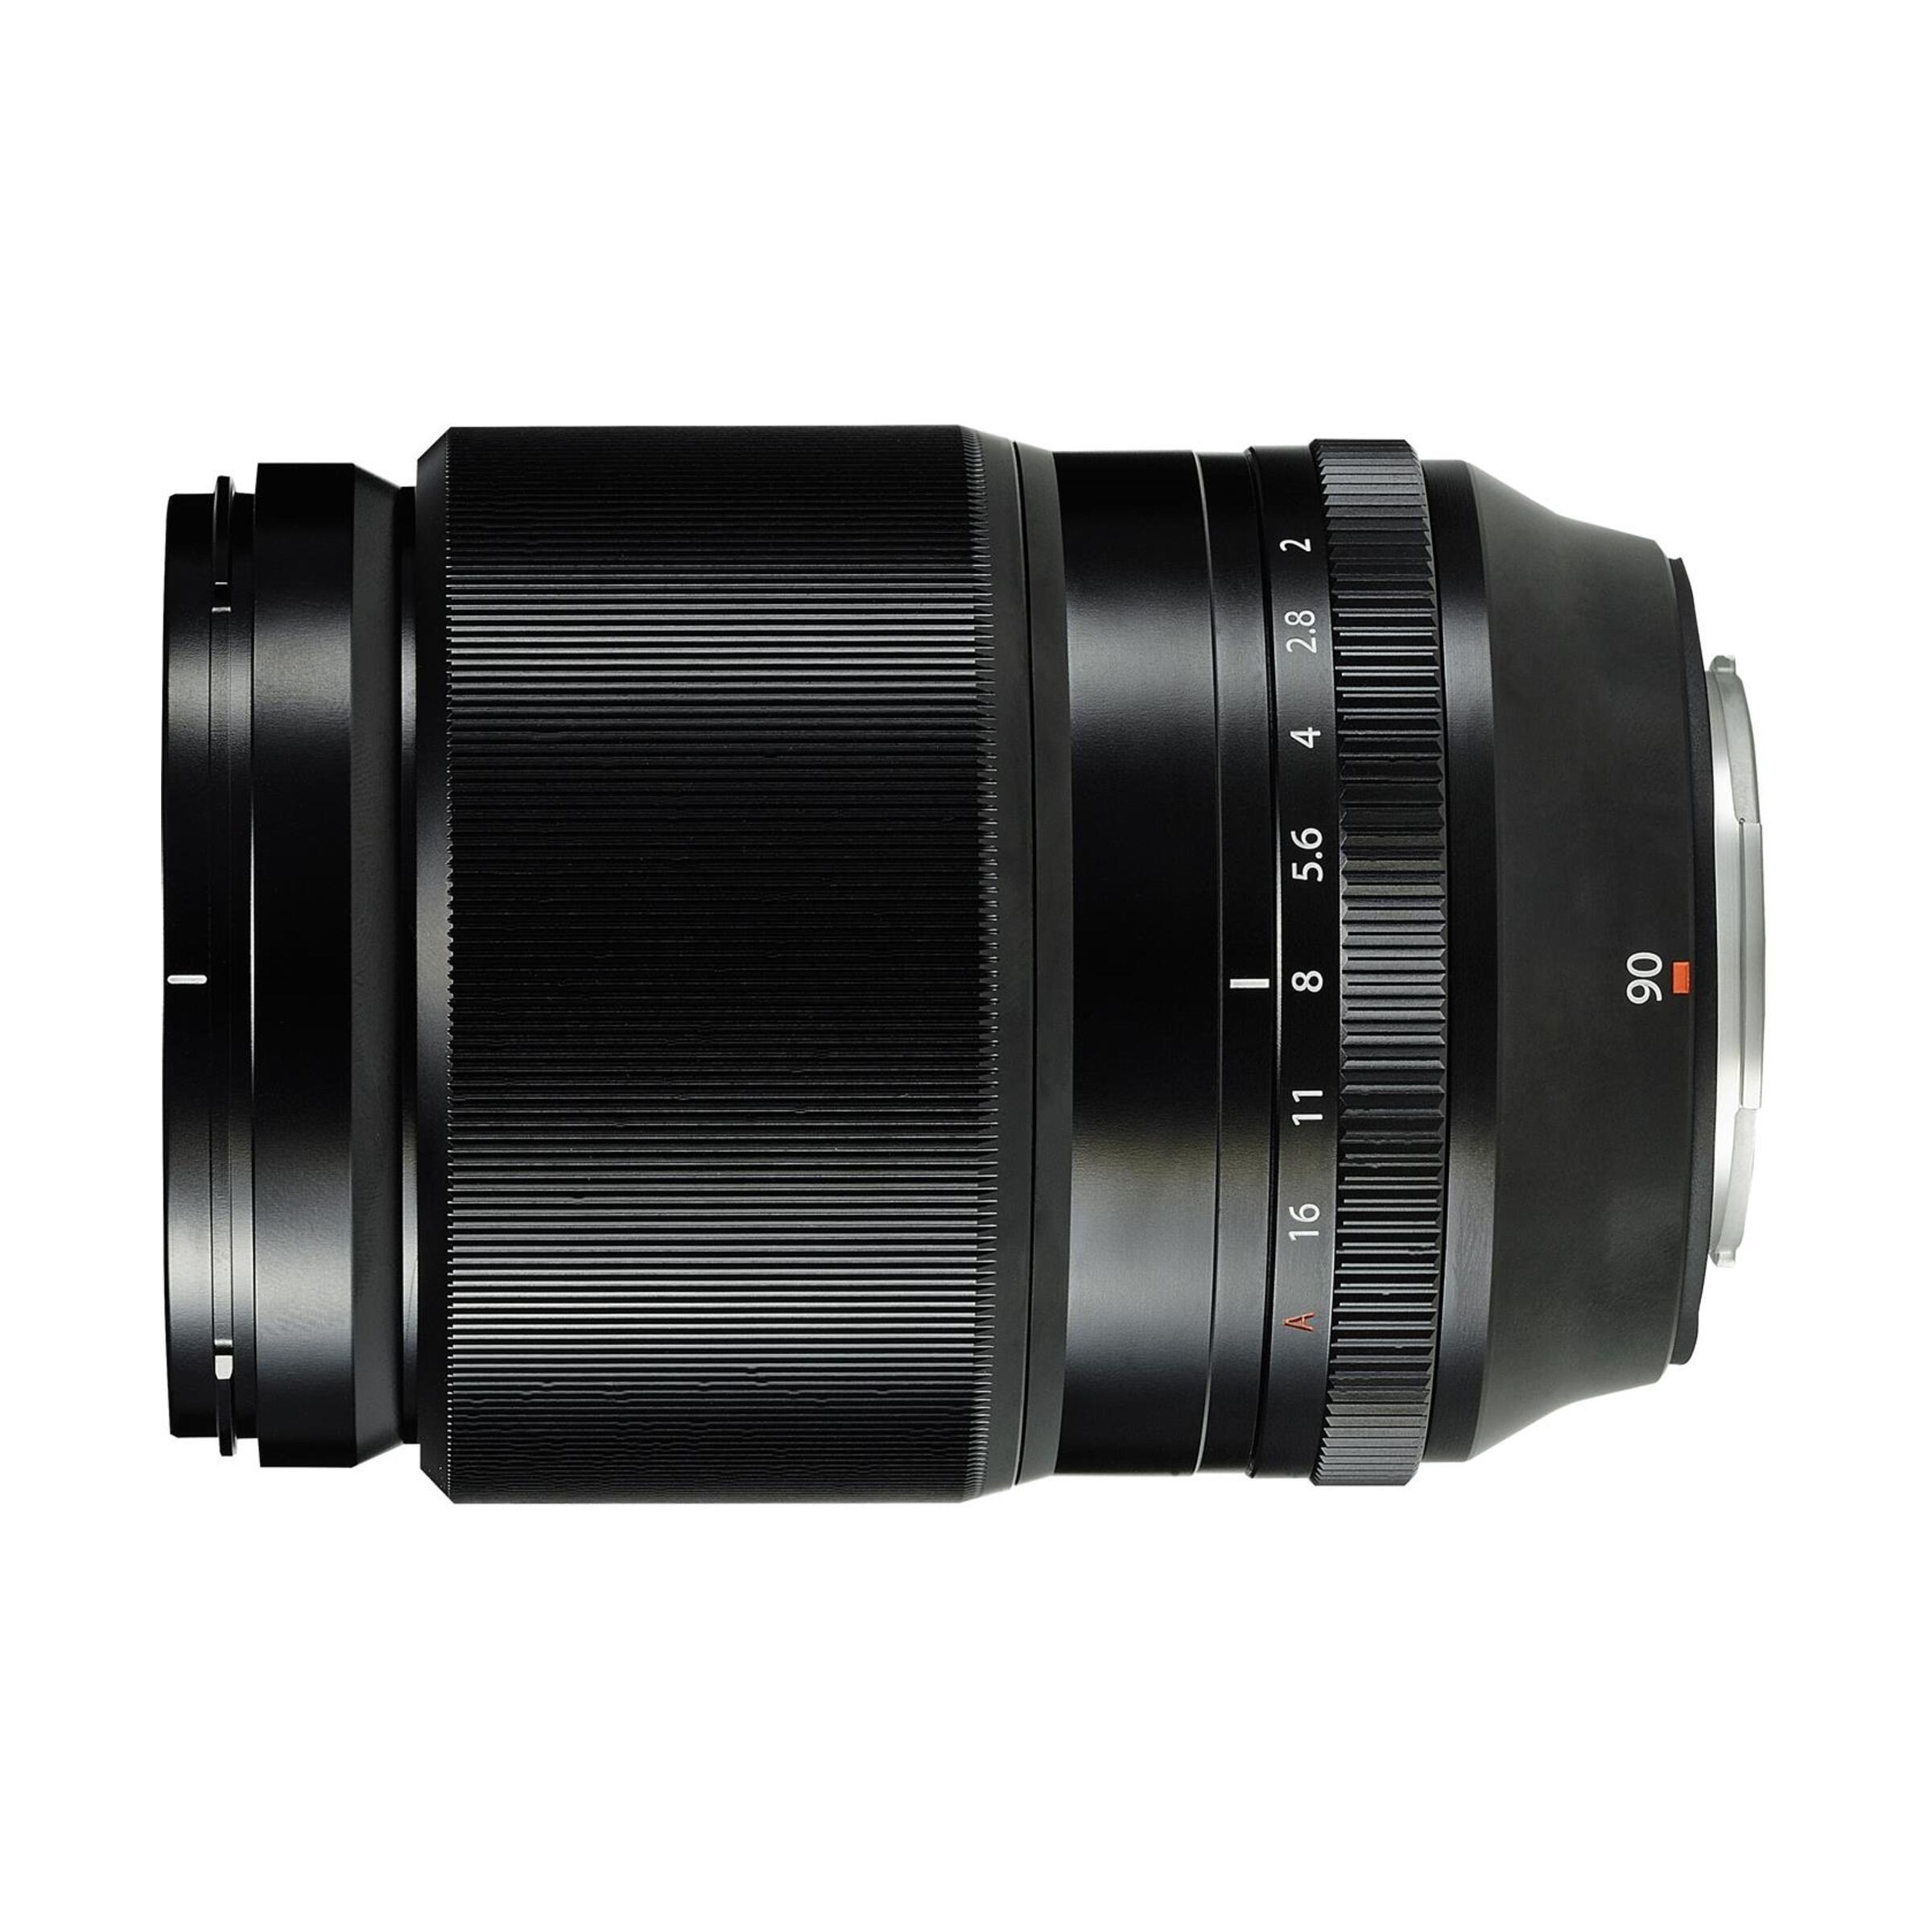 Fujifilm XF 90mm f/2,0 R LM WR